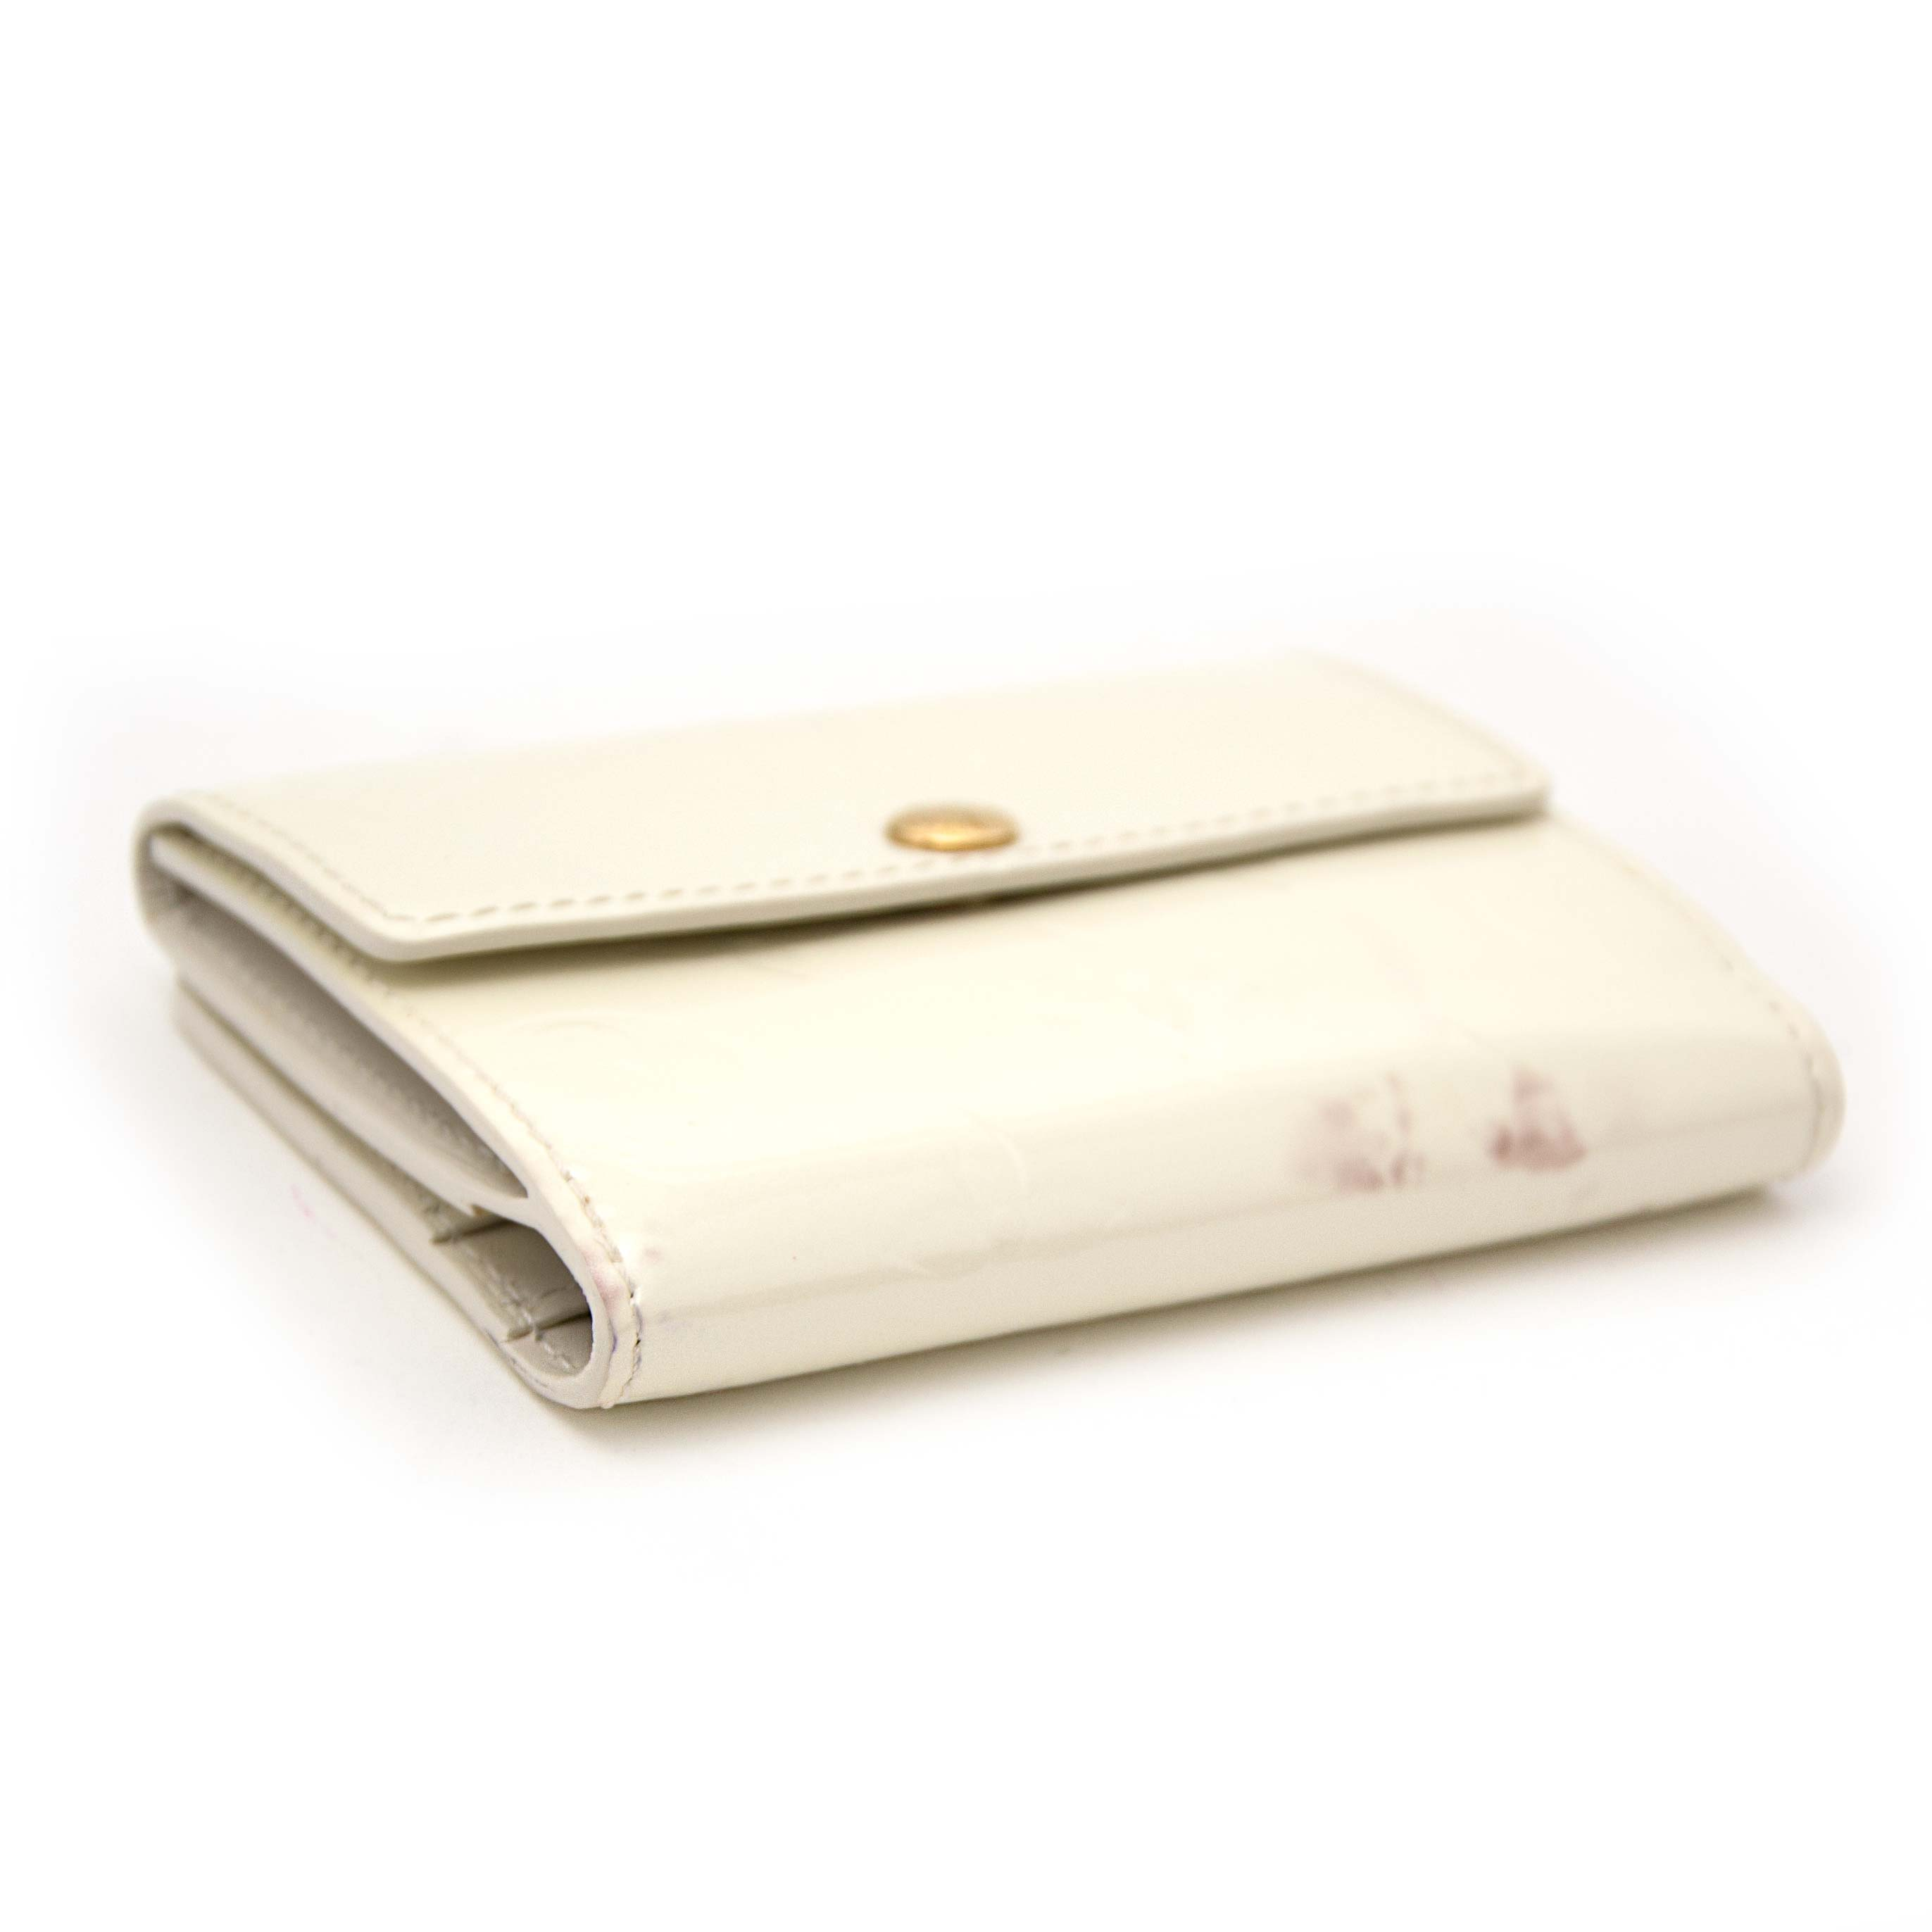 Koop nu veilig online jouw tweedehands Louis Vuitton White Monogram Vernis Elise Wallet op labellov.com